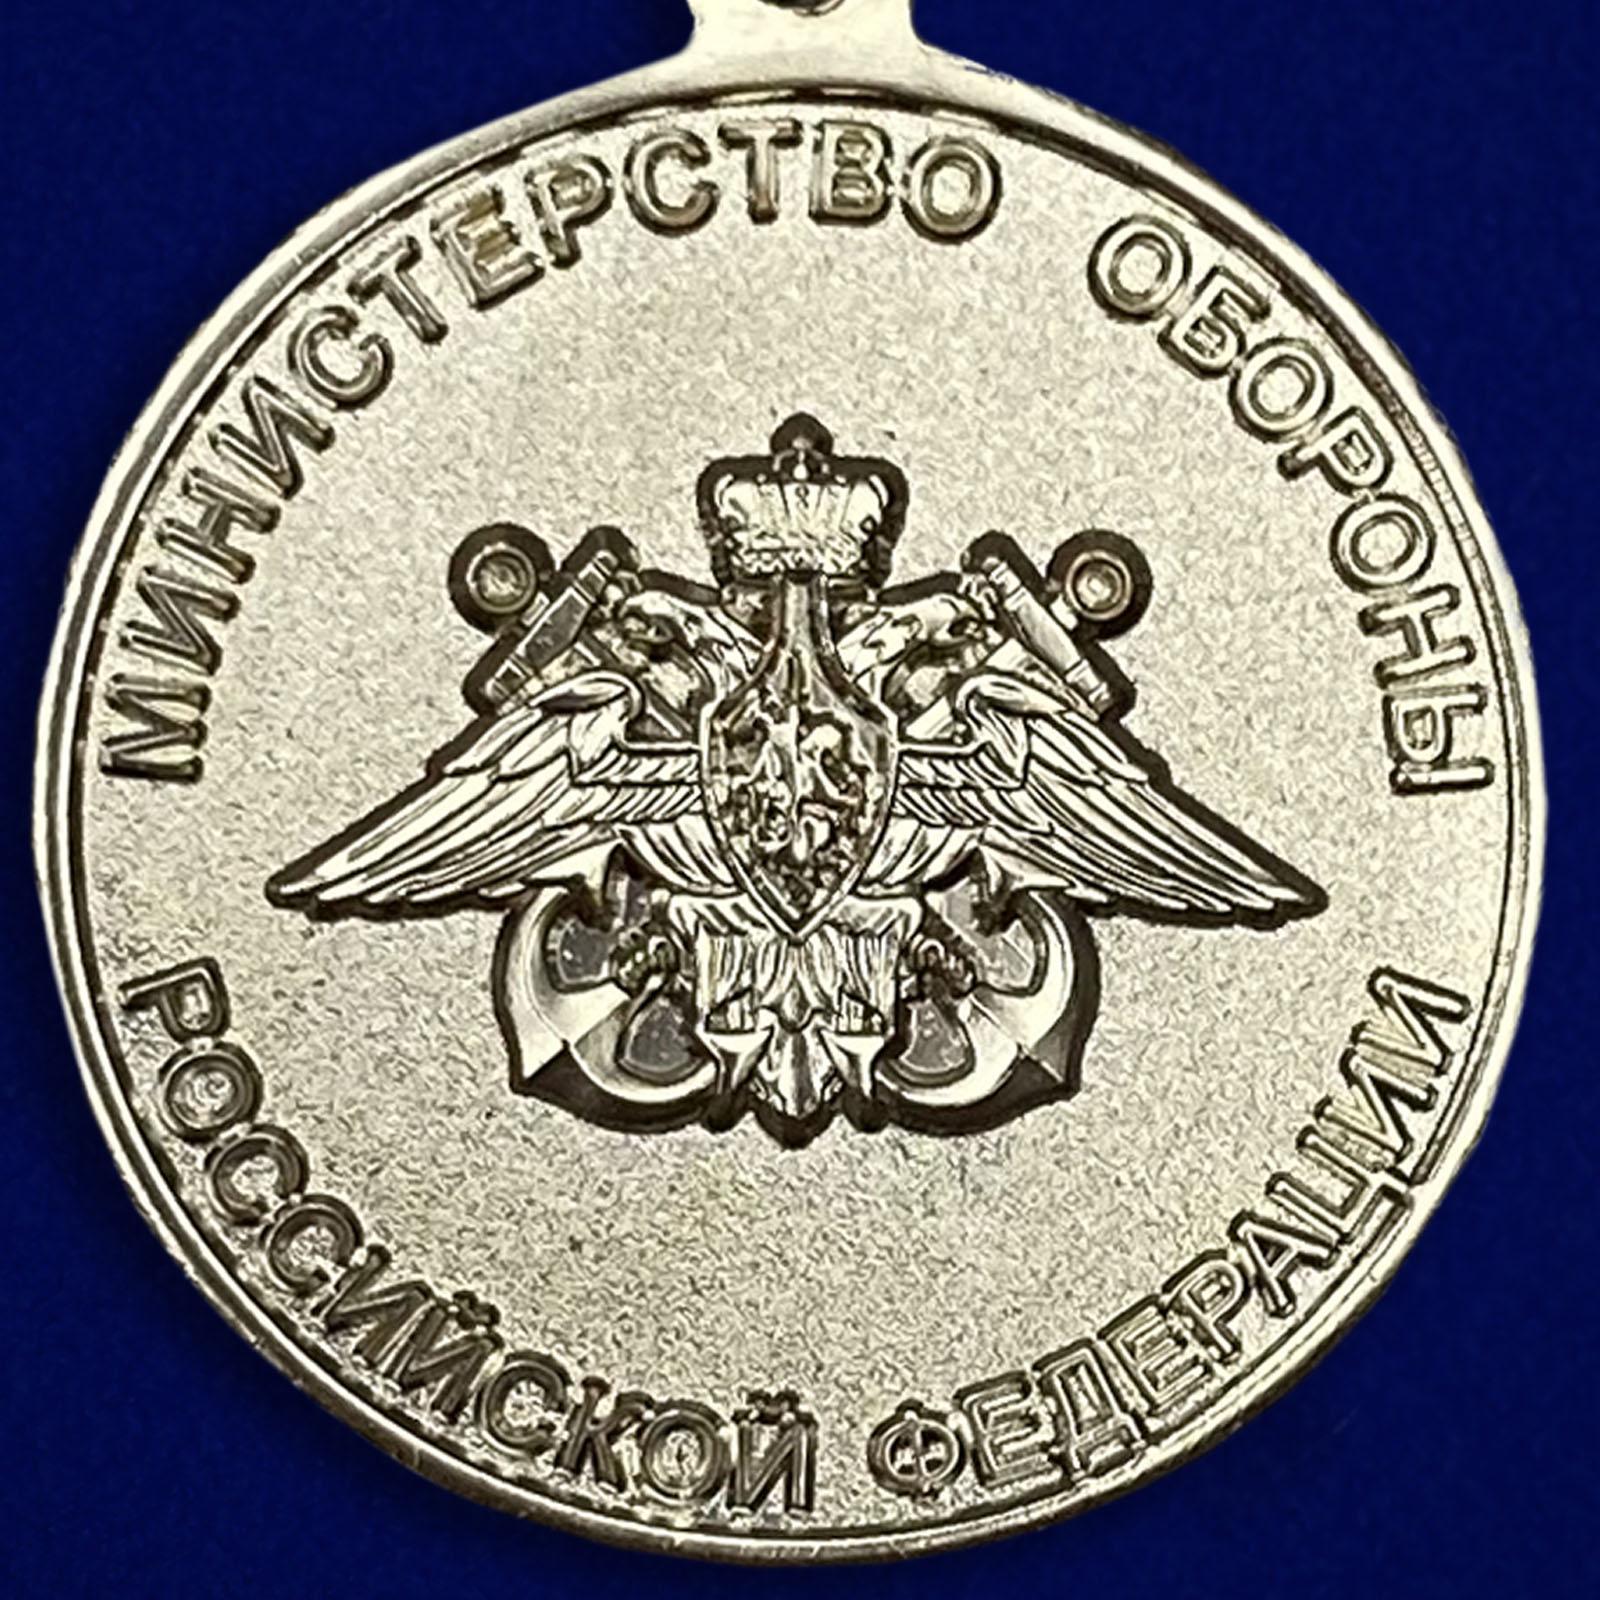 """Купить медаль """"300 лет Балтийскому флоту"""""""